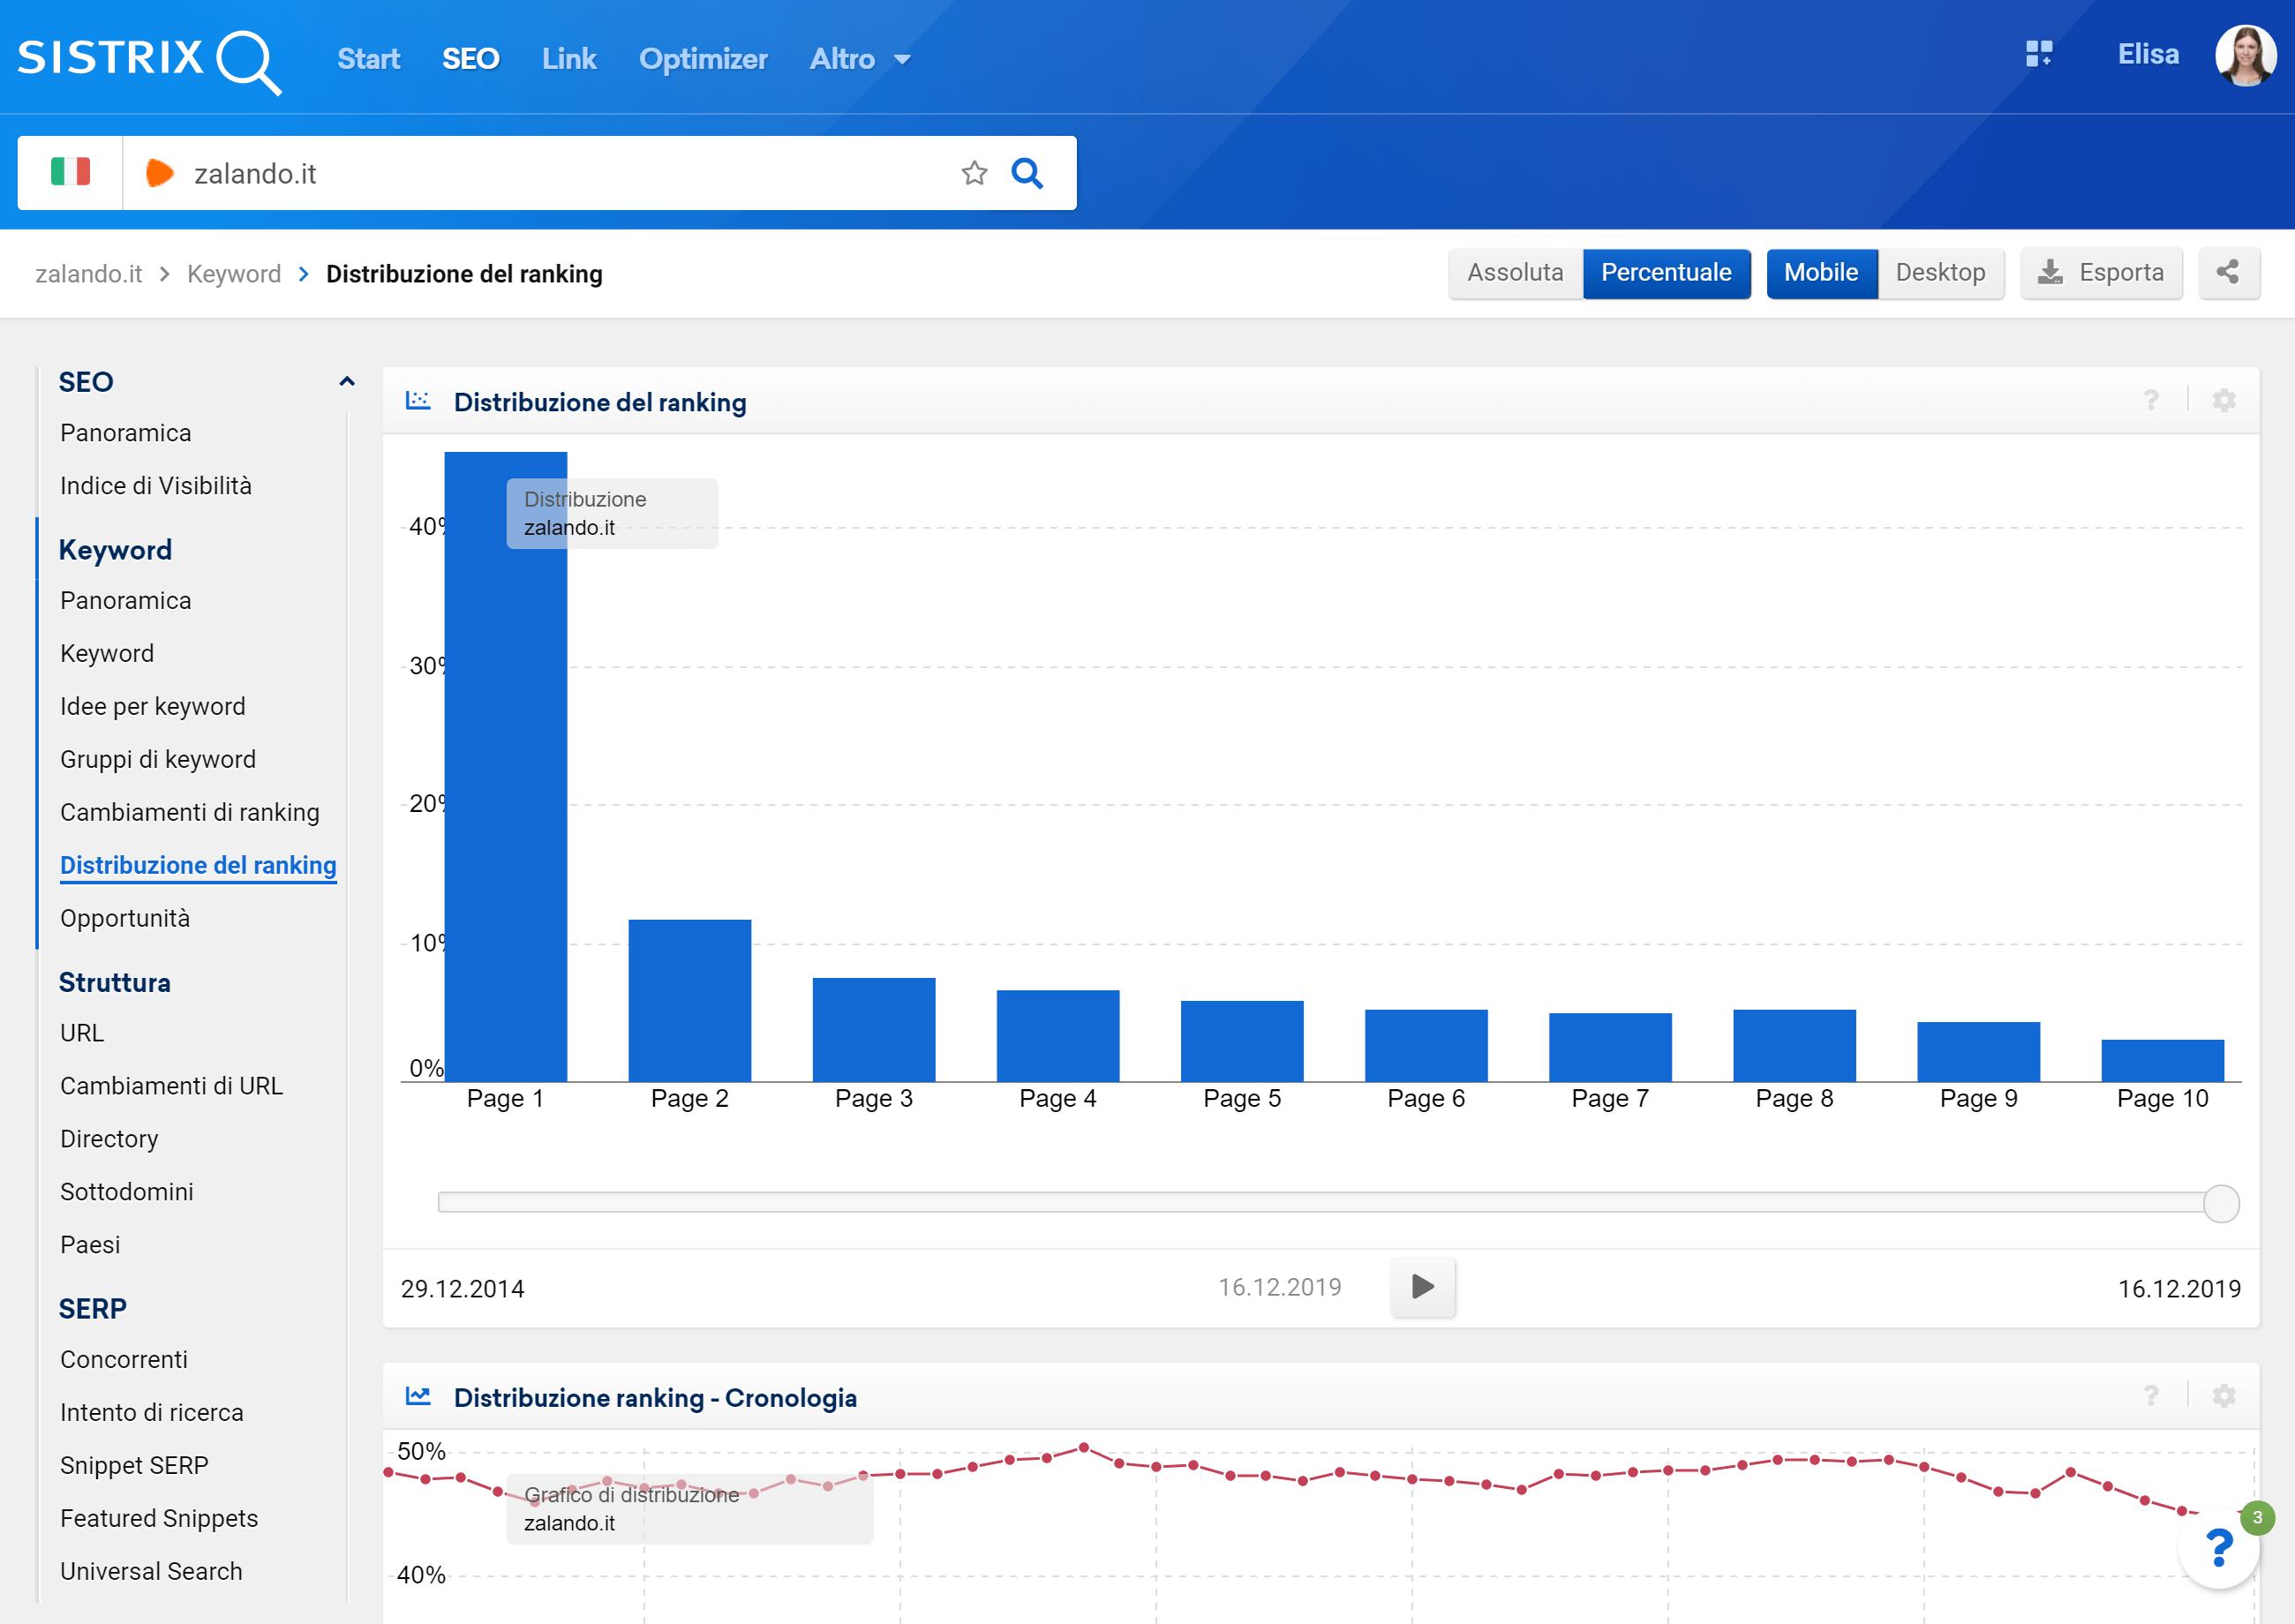 Sezione della distribuzione del ranking per zalando.it nel Toolbox SISTRIX